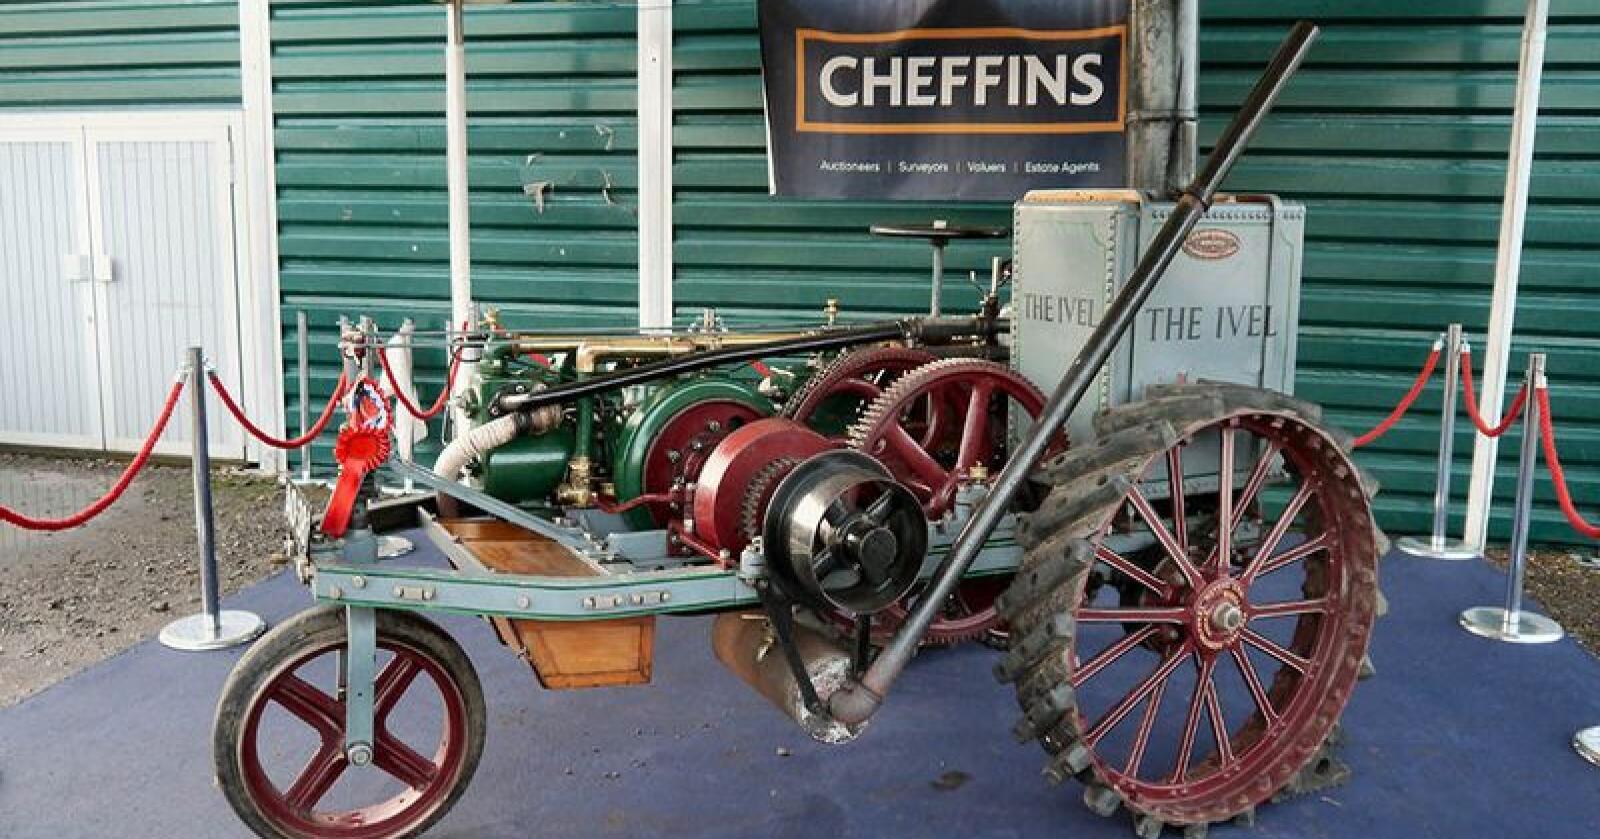 """Med en salgssum på vanvittige 328.600 britiske pund, er John Moffits """"The Ivel"""" den dyreste veterantraktoren som noen sinne er omsatt i Storbritania. (Foto: auksjonshuset Cheffins)"""